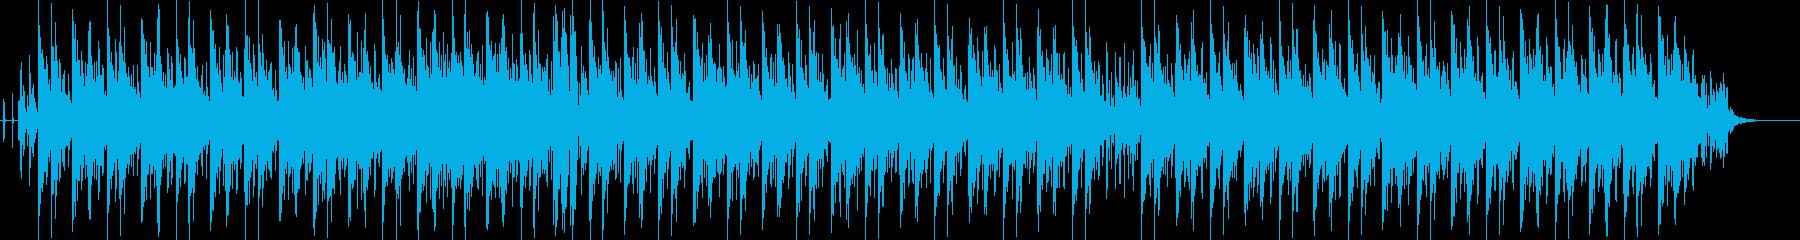 広がりのあるメロウなシンセが印象的な曲の再生済みの波形